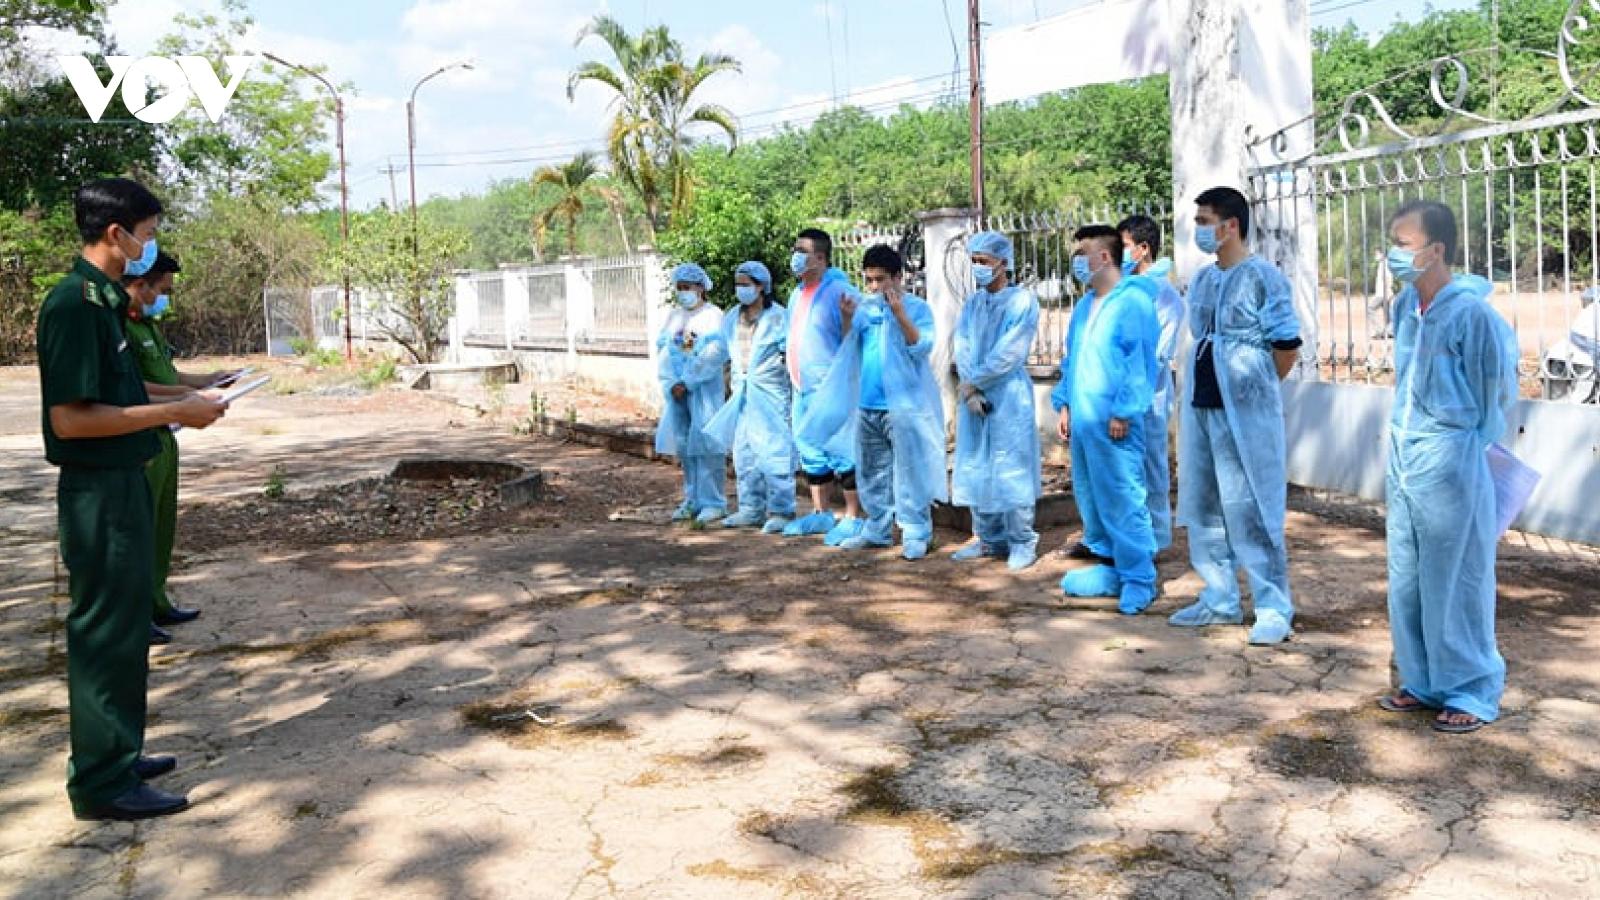 Bình Phước bắt giữ 3 người dẫn đường cho đối tượng Trung Quốc vượt biên sang Campuchia